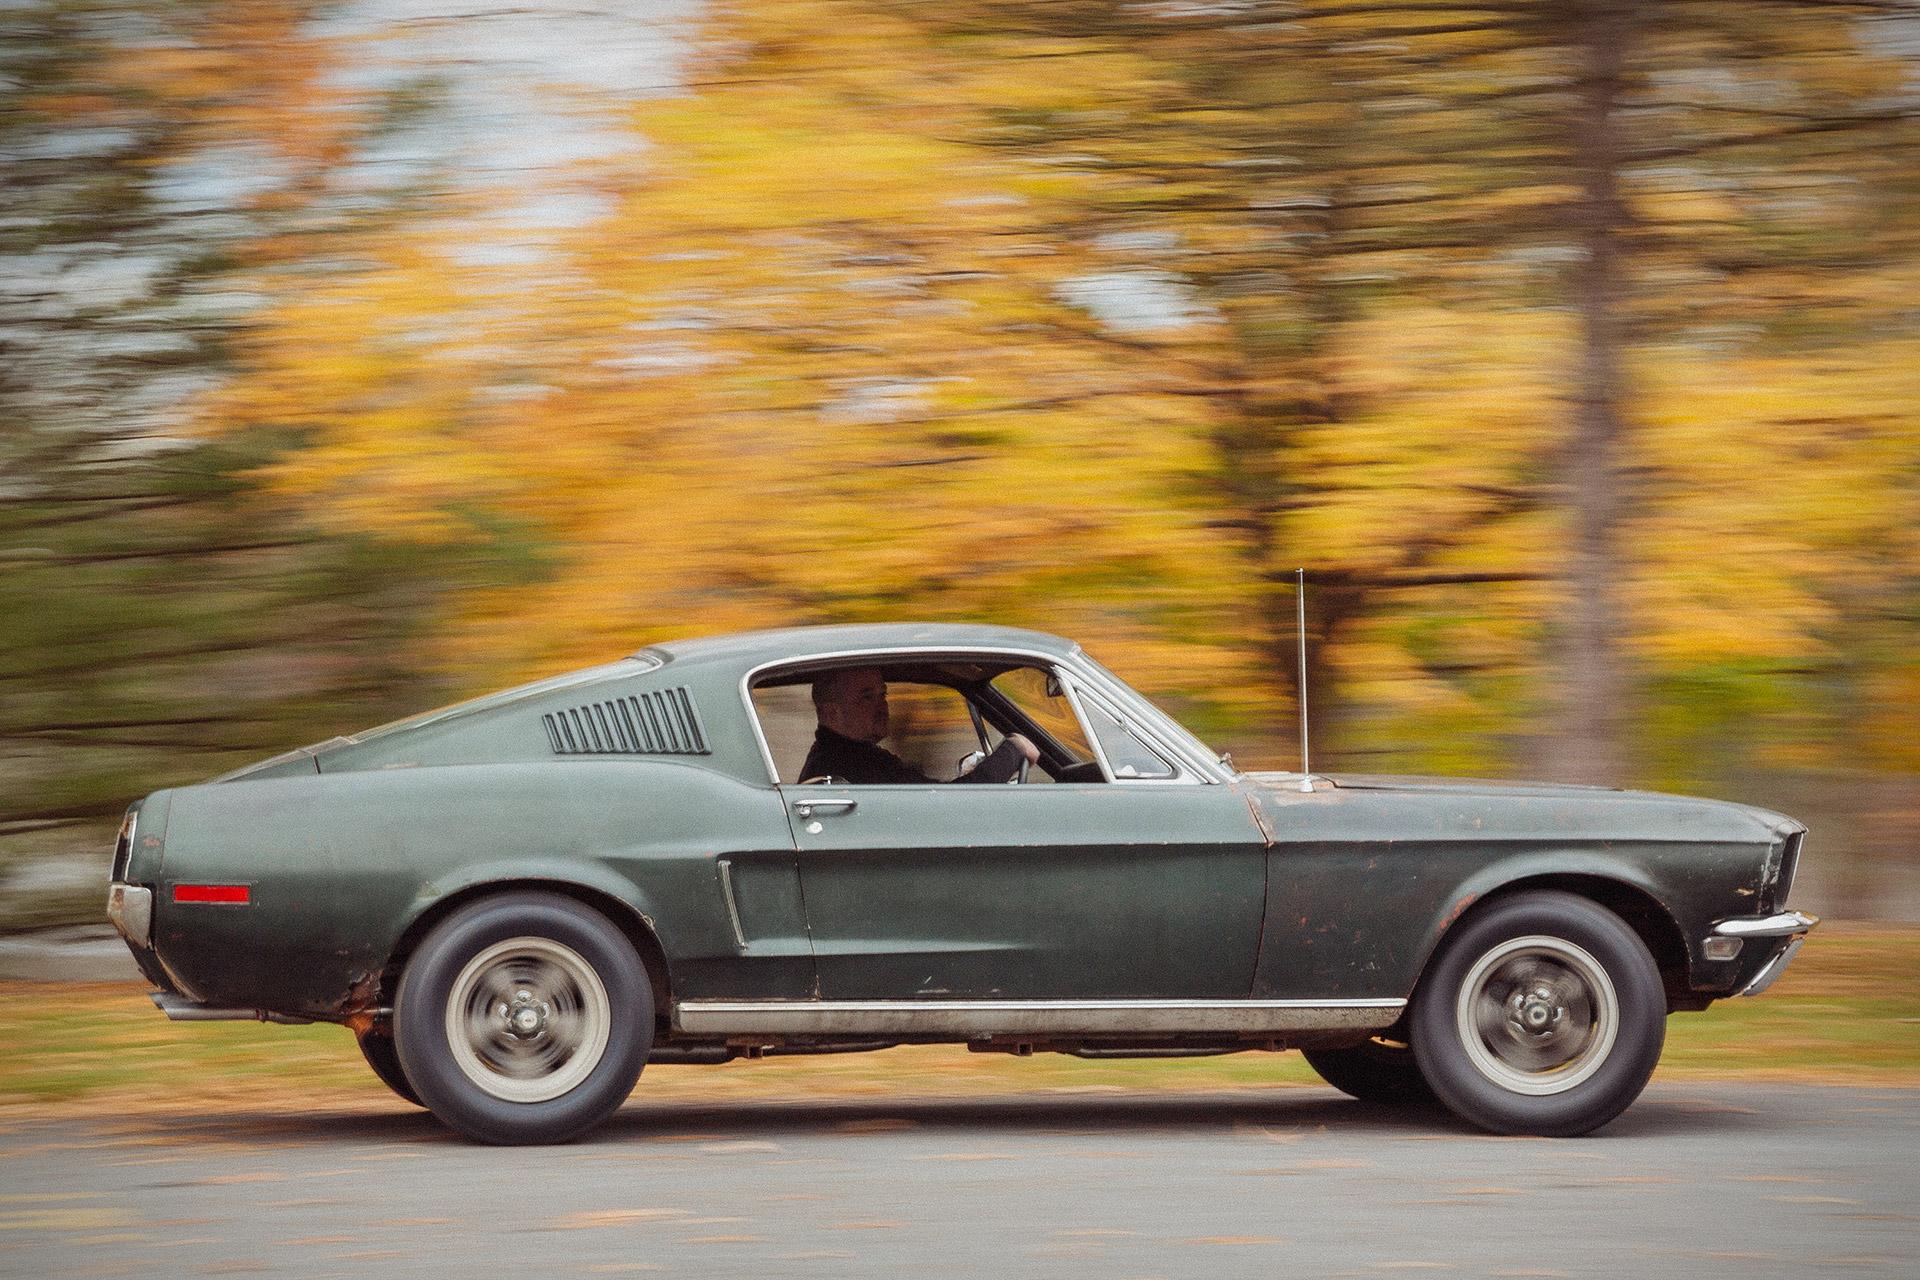 Original 1968 Ford Mustang Bullitt Uncrate